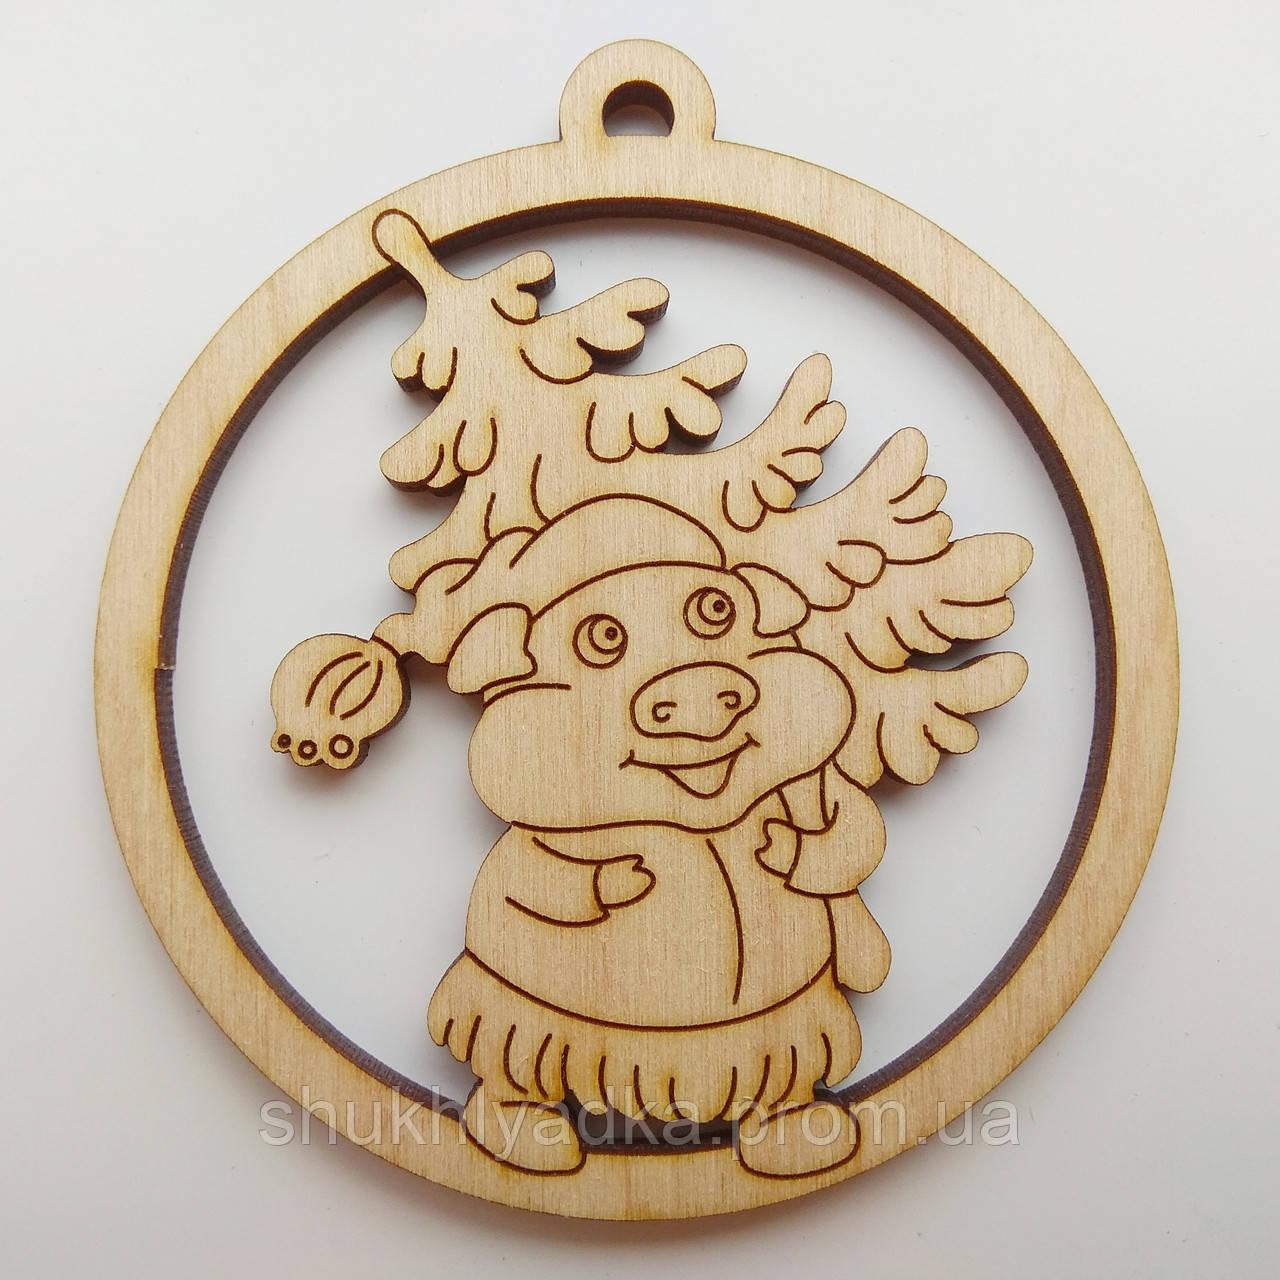 Свинка с елкой_круг_деревянная заготовка_Новый год